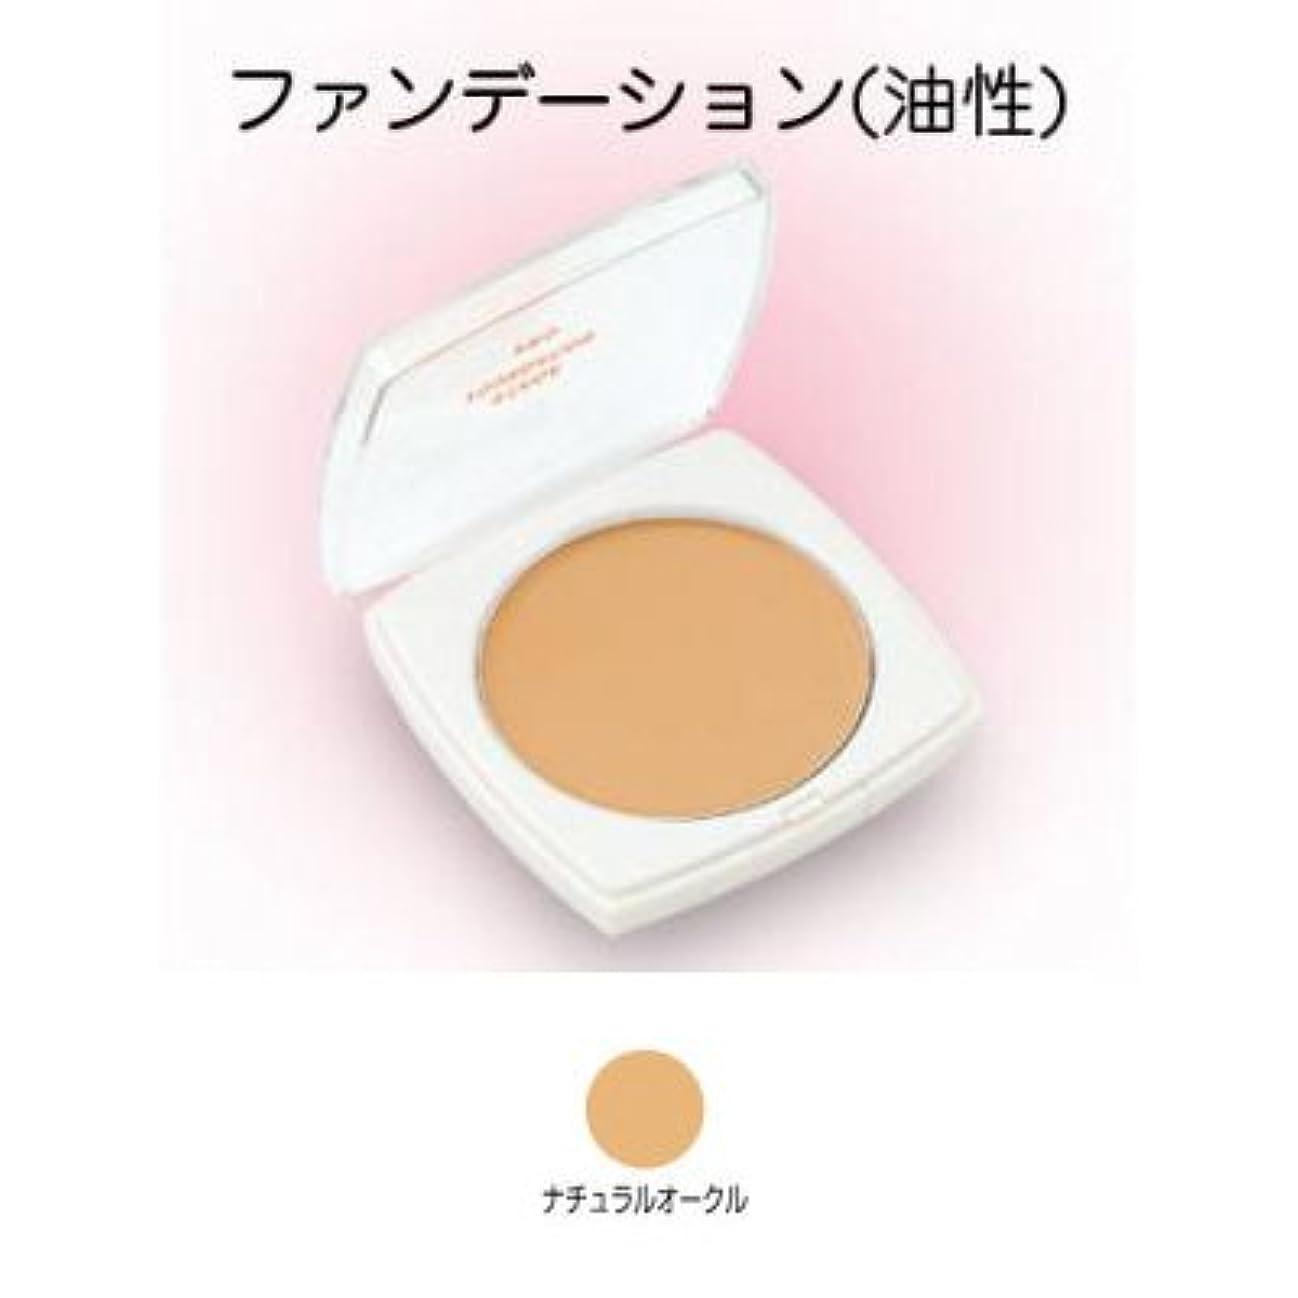 罰する行う利用可能ステージファンデーション プロ 13g ナチュラルオークル 【三善】